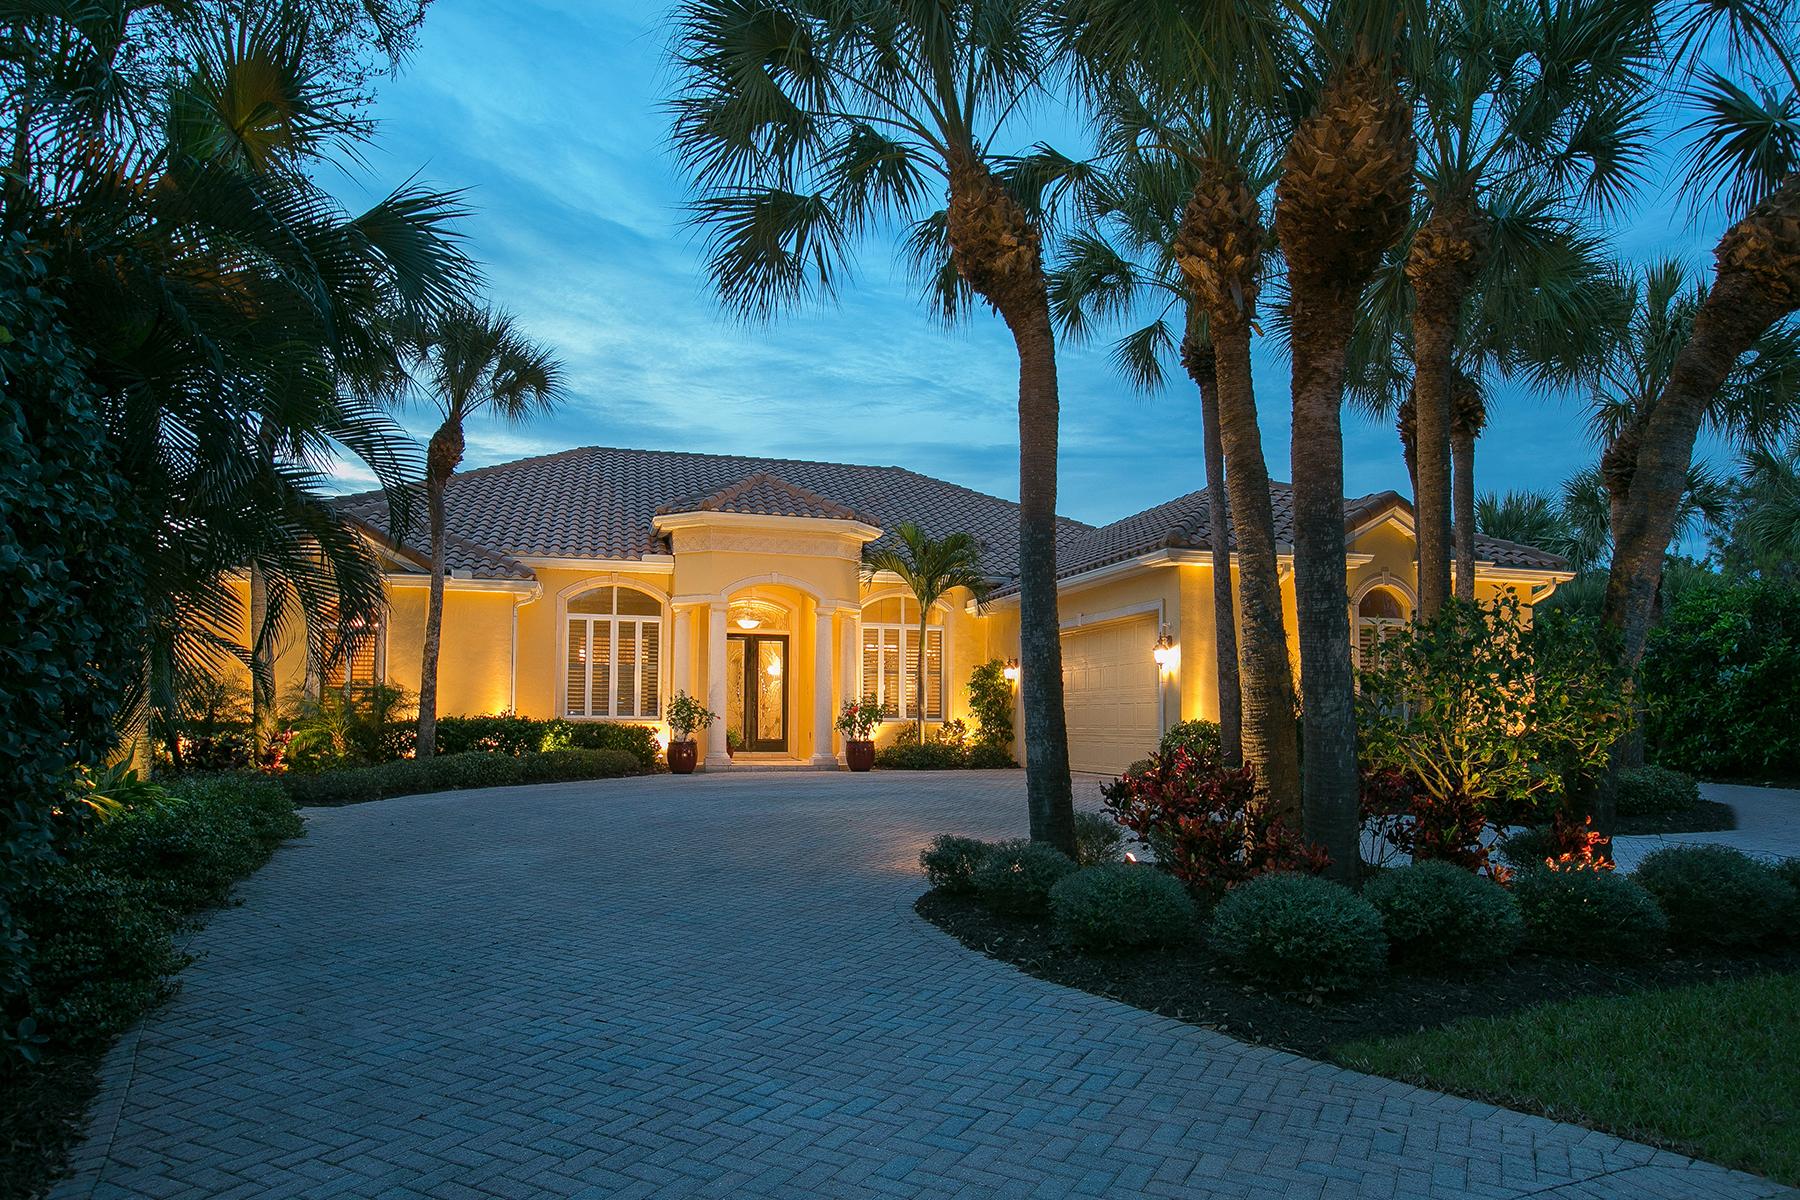 단독 가정 주택 용 매매 에 ENGLEWOOD 6 Saint Martin Cir Englewood, 플로리다 34223 미국